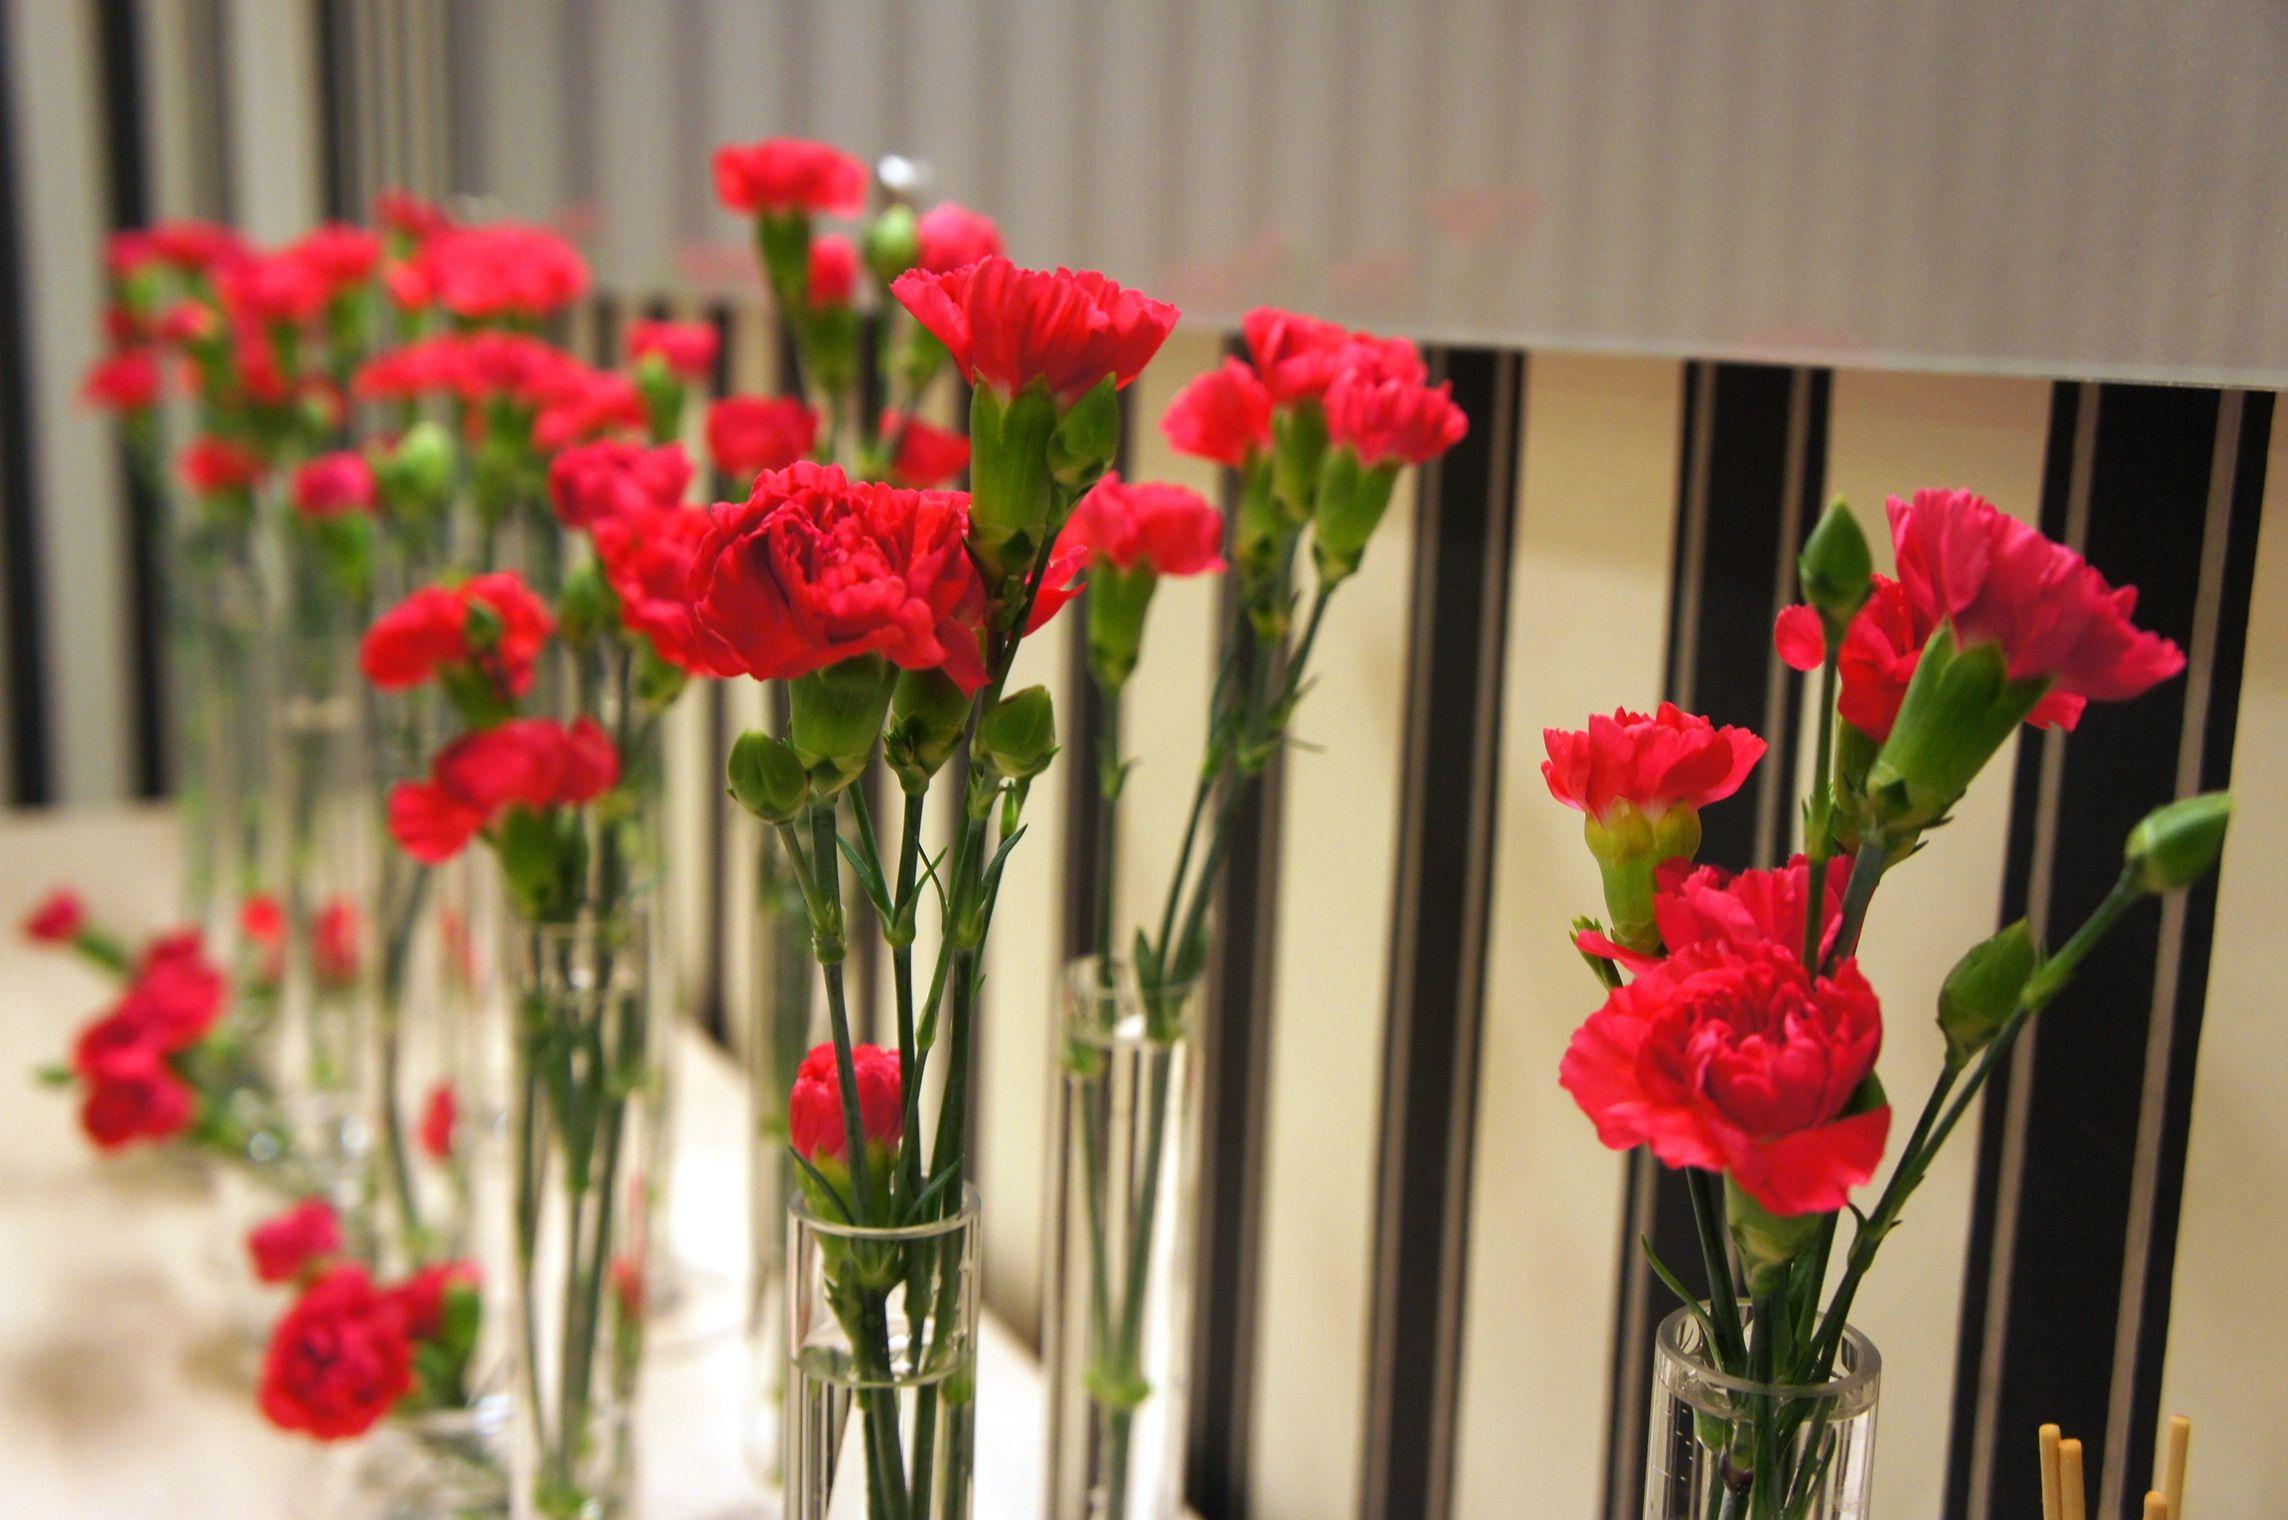 Gozdziki Galazkowe W Szklanych Menzurkach Jako Dekoracja Recepcji Flowers Carnations Wedding